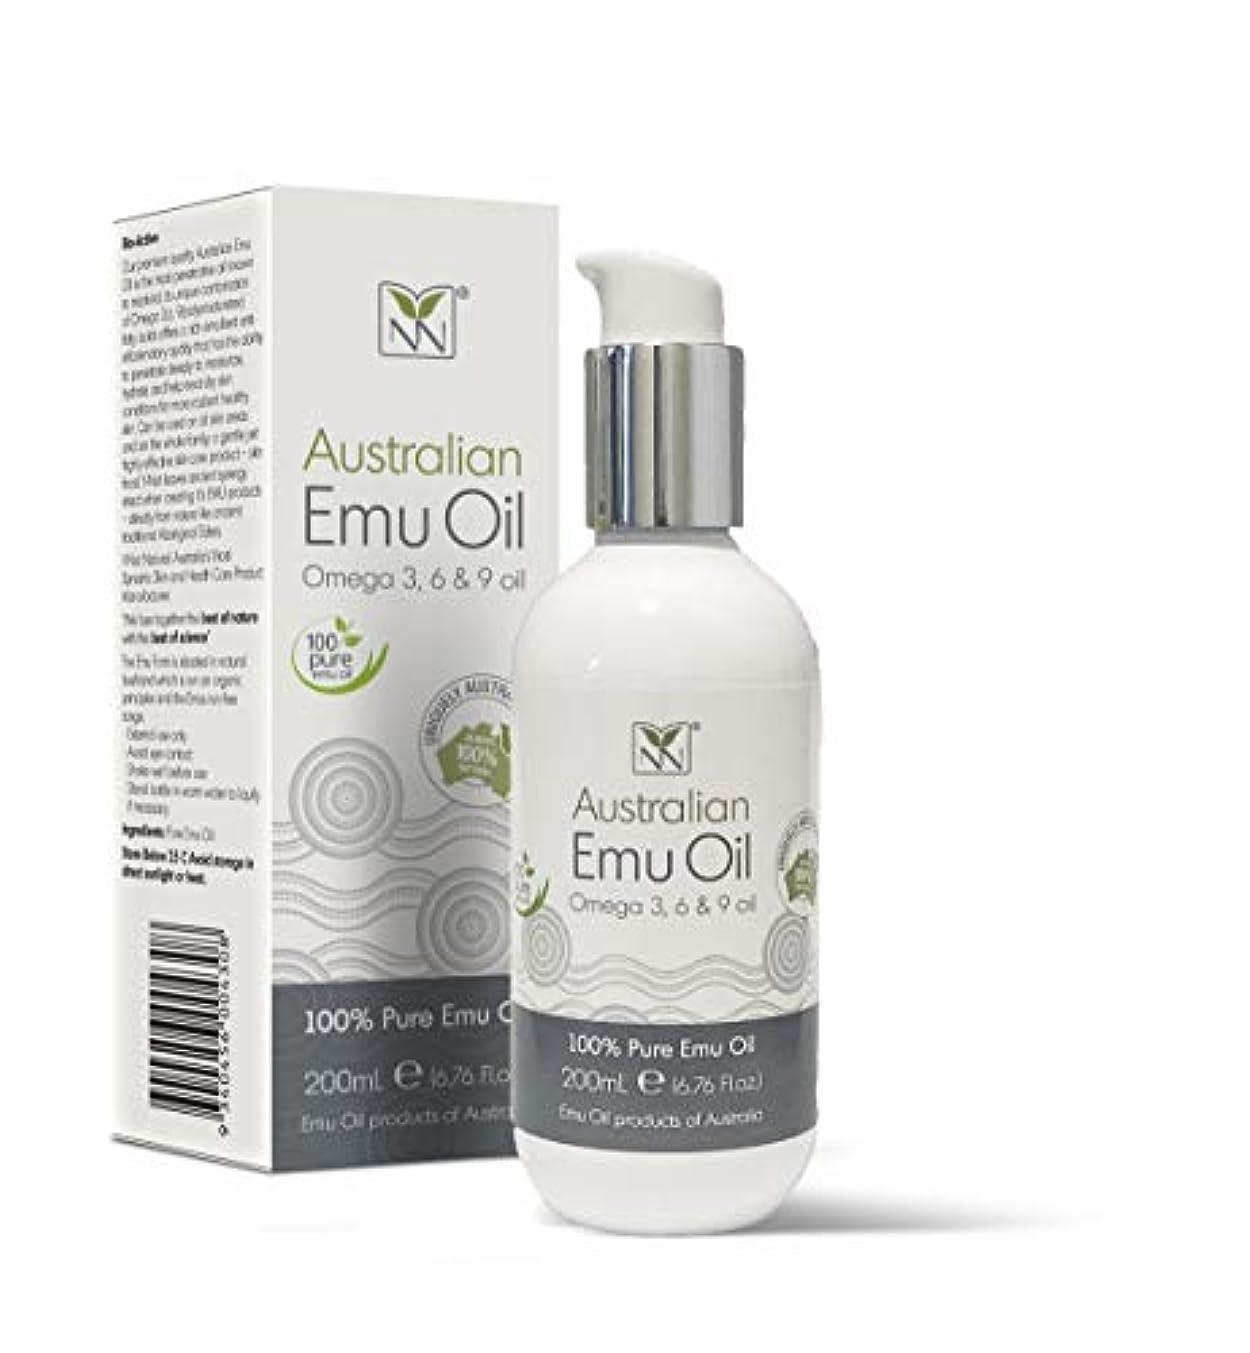 勧めるバンカー山岳Y Not Natural エミューオイル EMU OIL 無添加100% 保湿性 浸透性 抜群 プレミアム品質 エミュー油 (200 ml)